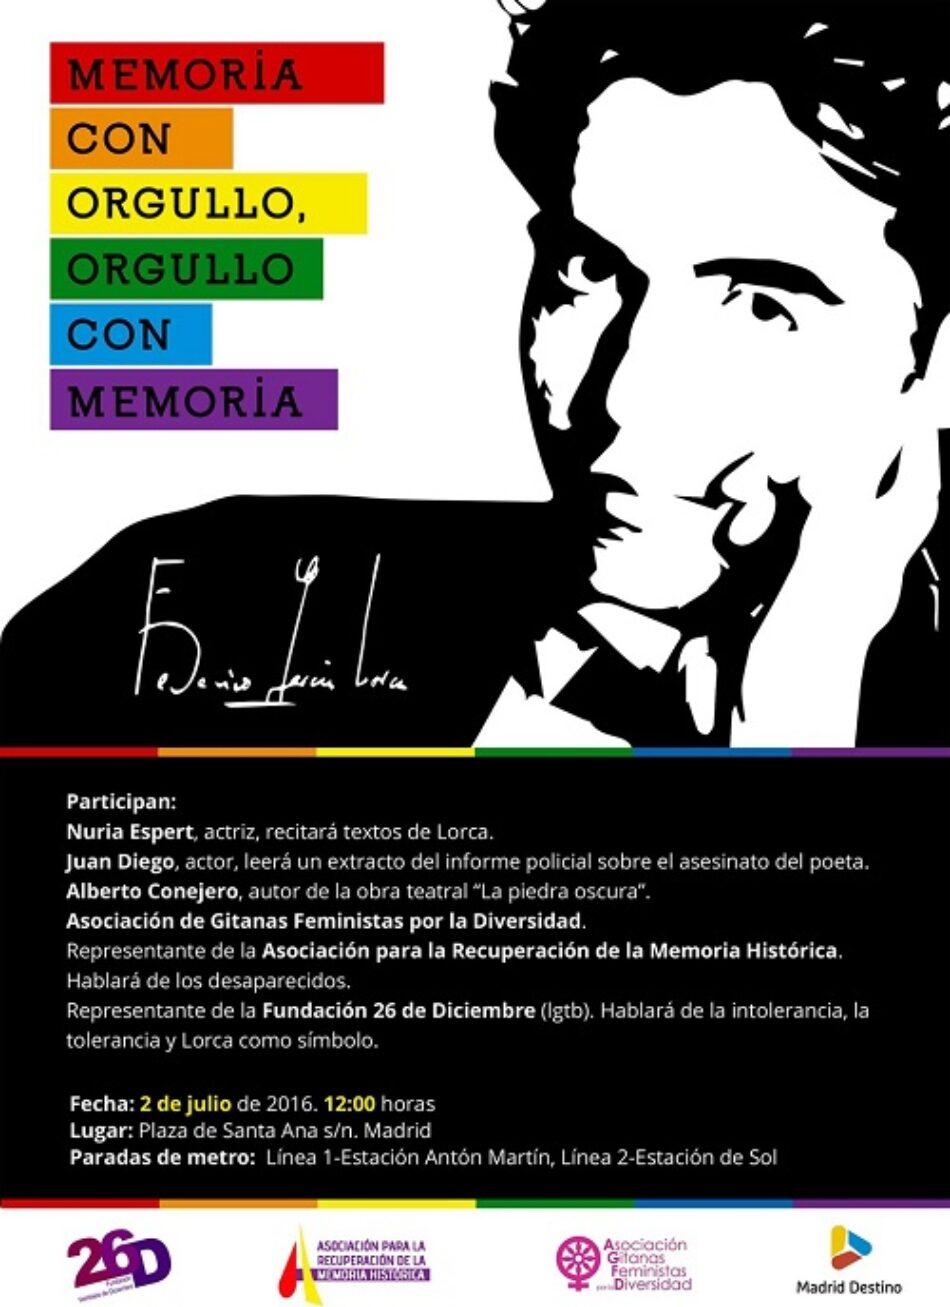 Homenaje a García Lorca en el día del orgullo gay: orgullo con memoria